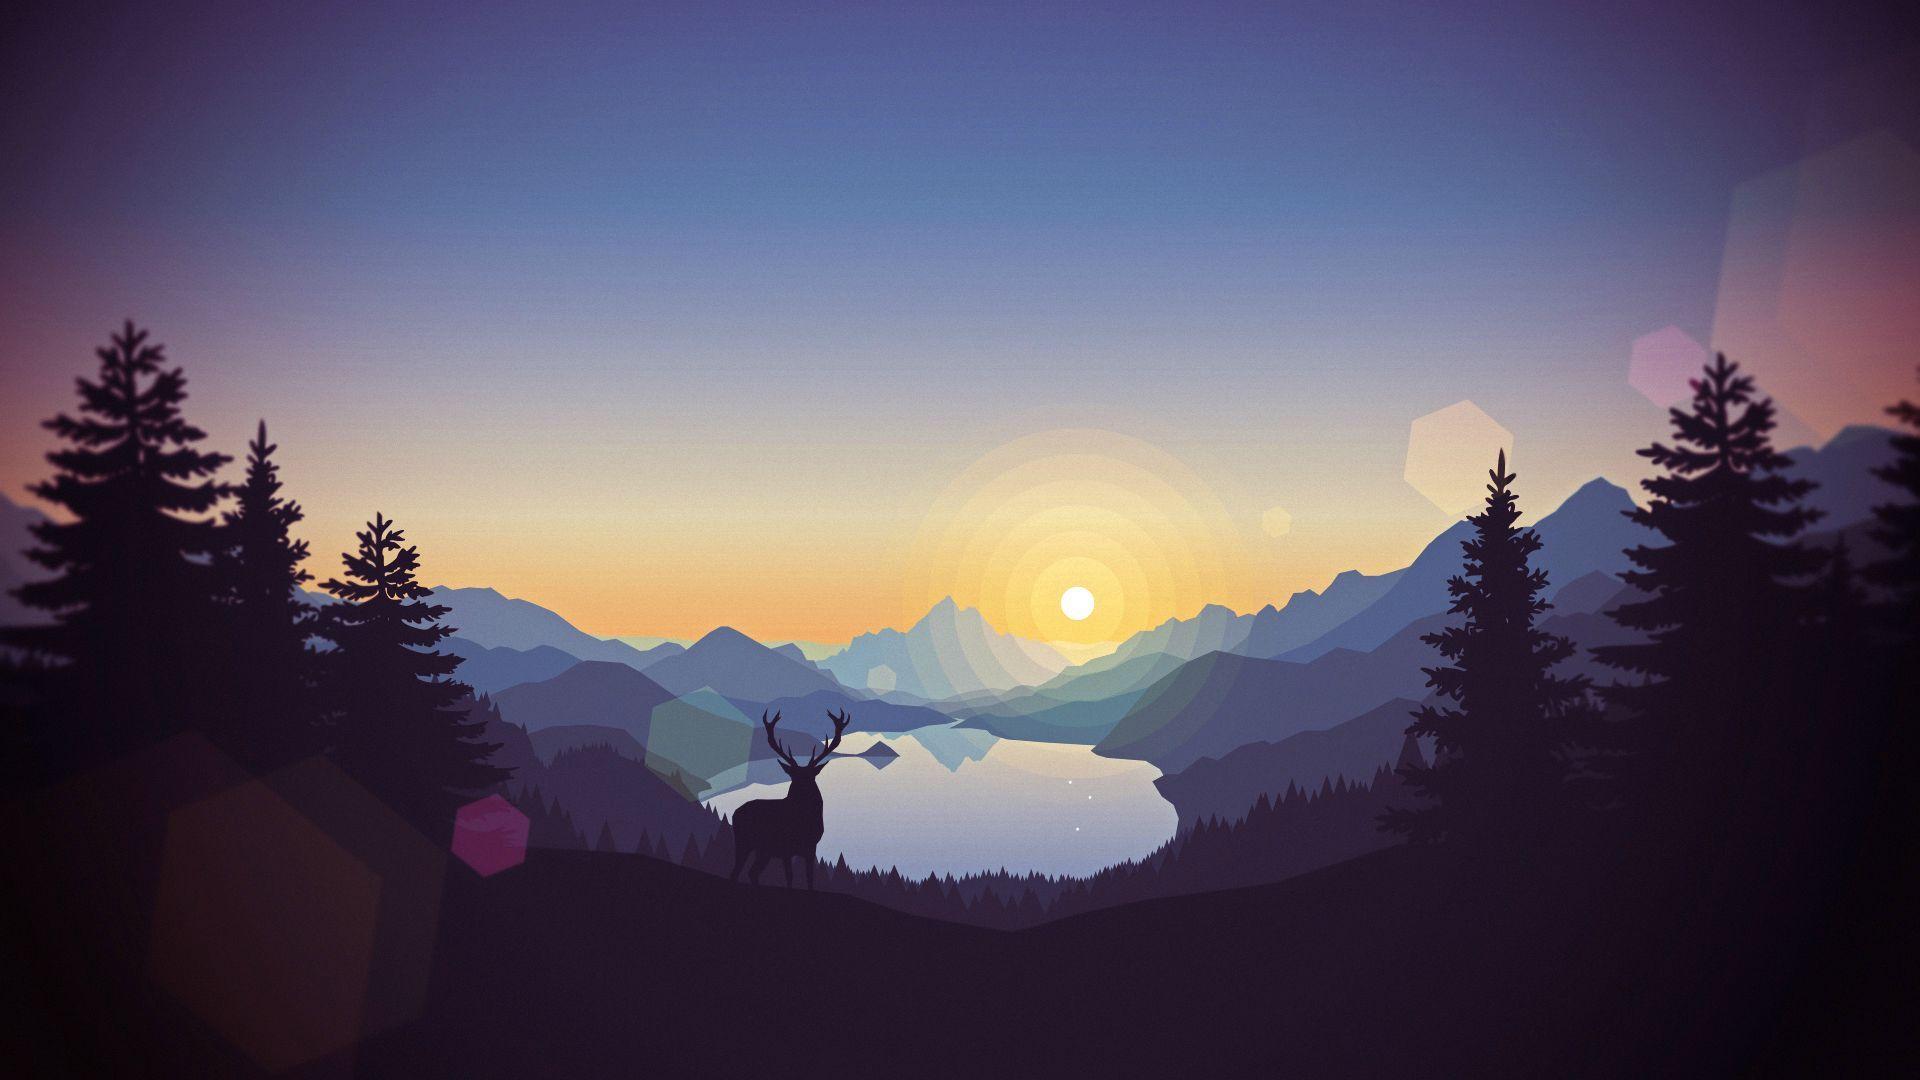 imgur.com   Landscape wallpaper, Art wallpaper, Sunset ...